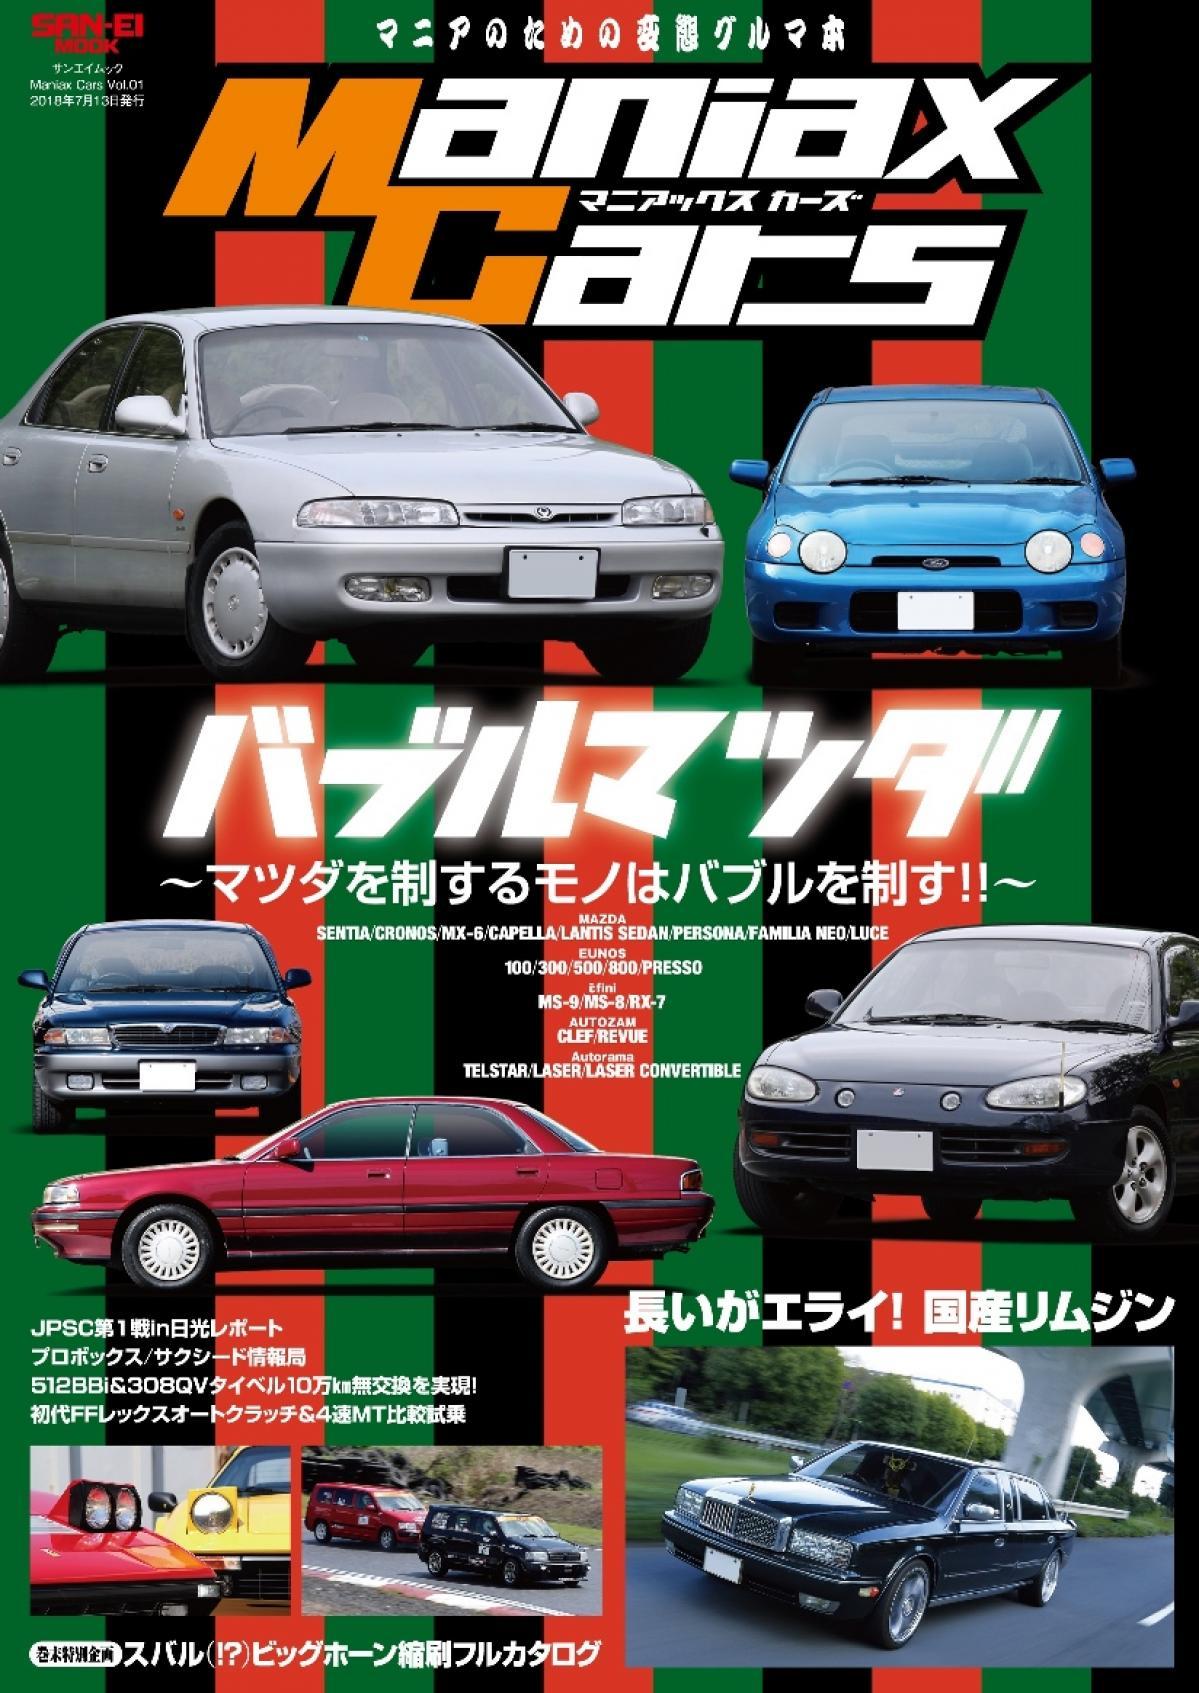 ついに季刊化!! 『ManiaxCars』Vol.01 5月30日発売